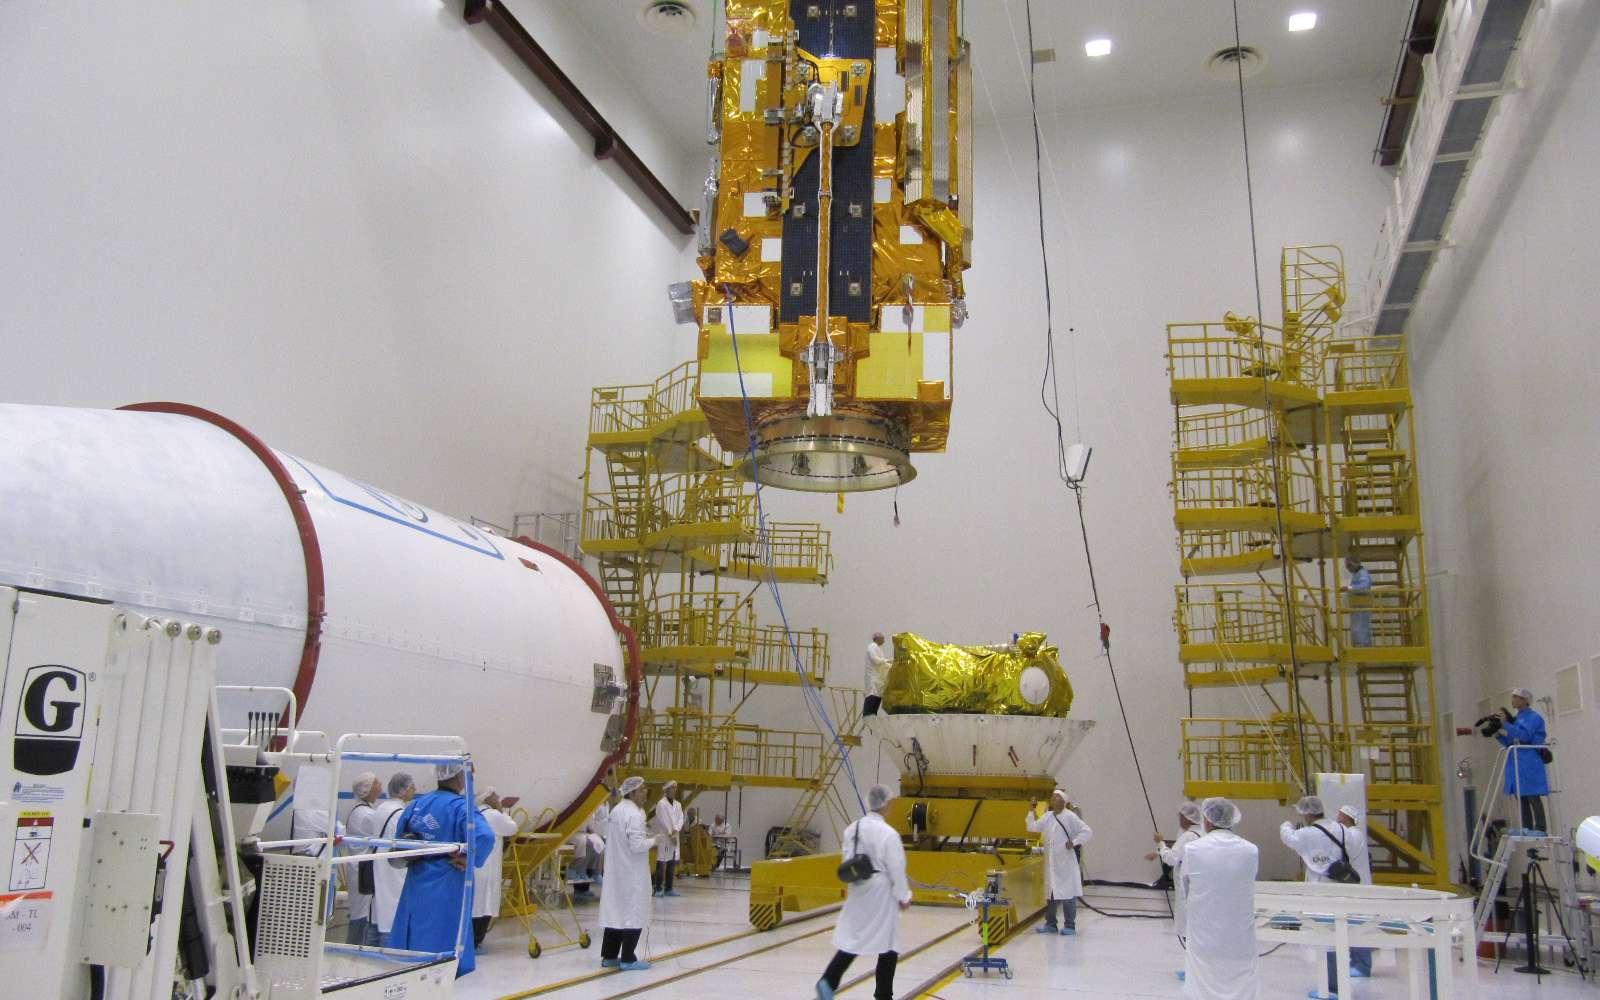 Les quatre tonnes de Metop-B, le deuxième satellite de météorologie polaire de l'Europe, sont installées sur le lanceur Soyouz. Au premier plan et à gauche, la coiffe du lanceur à l'intérieur de laquelle il sera logé pour le protéger pendant la traversée de l'atmosphère et, au fond et à droite, l'étage supérieur Fregat sur lequel il est en cours d'intégration. © Esa